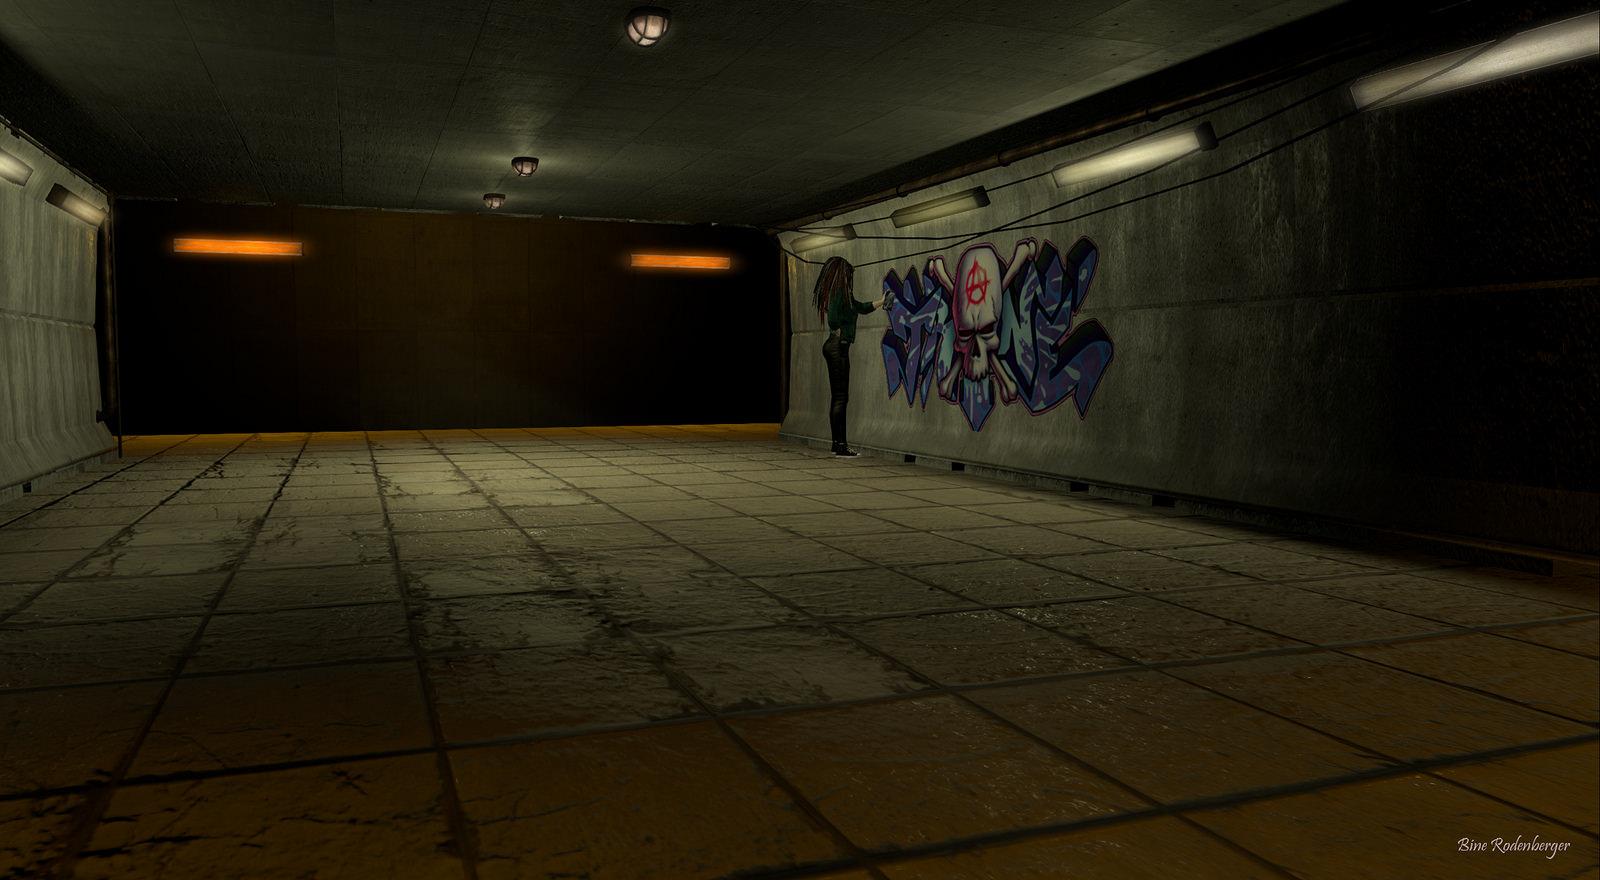 Making grafitti